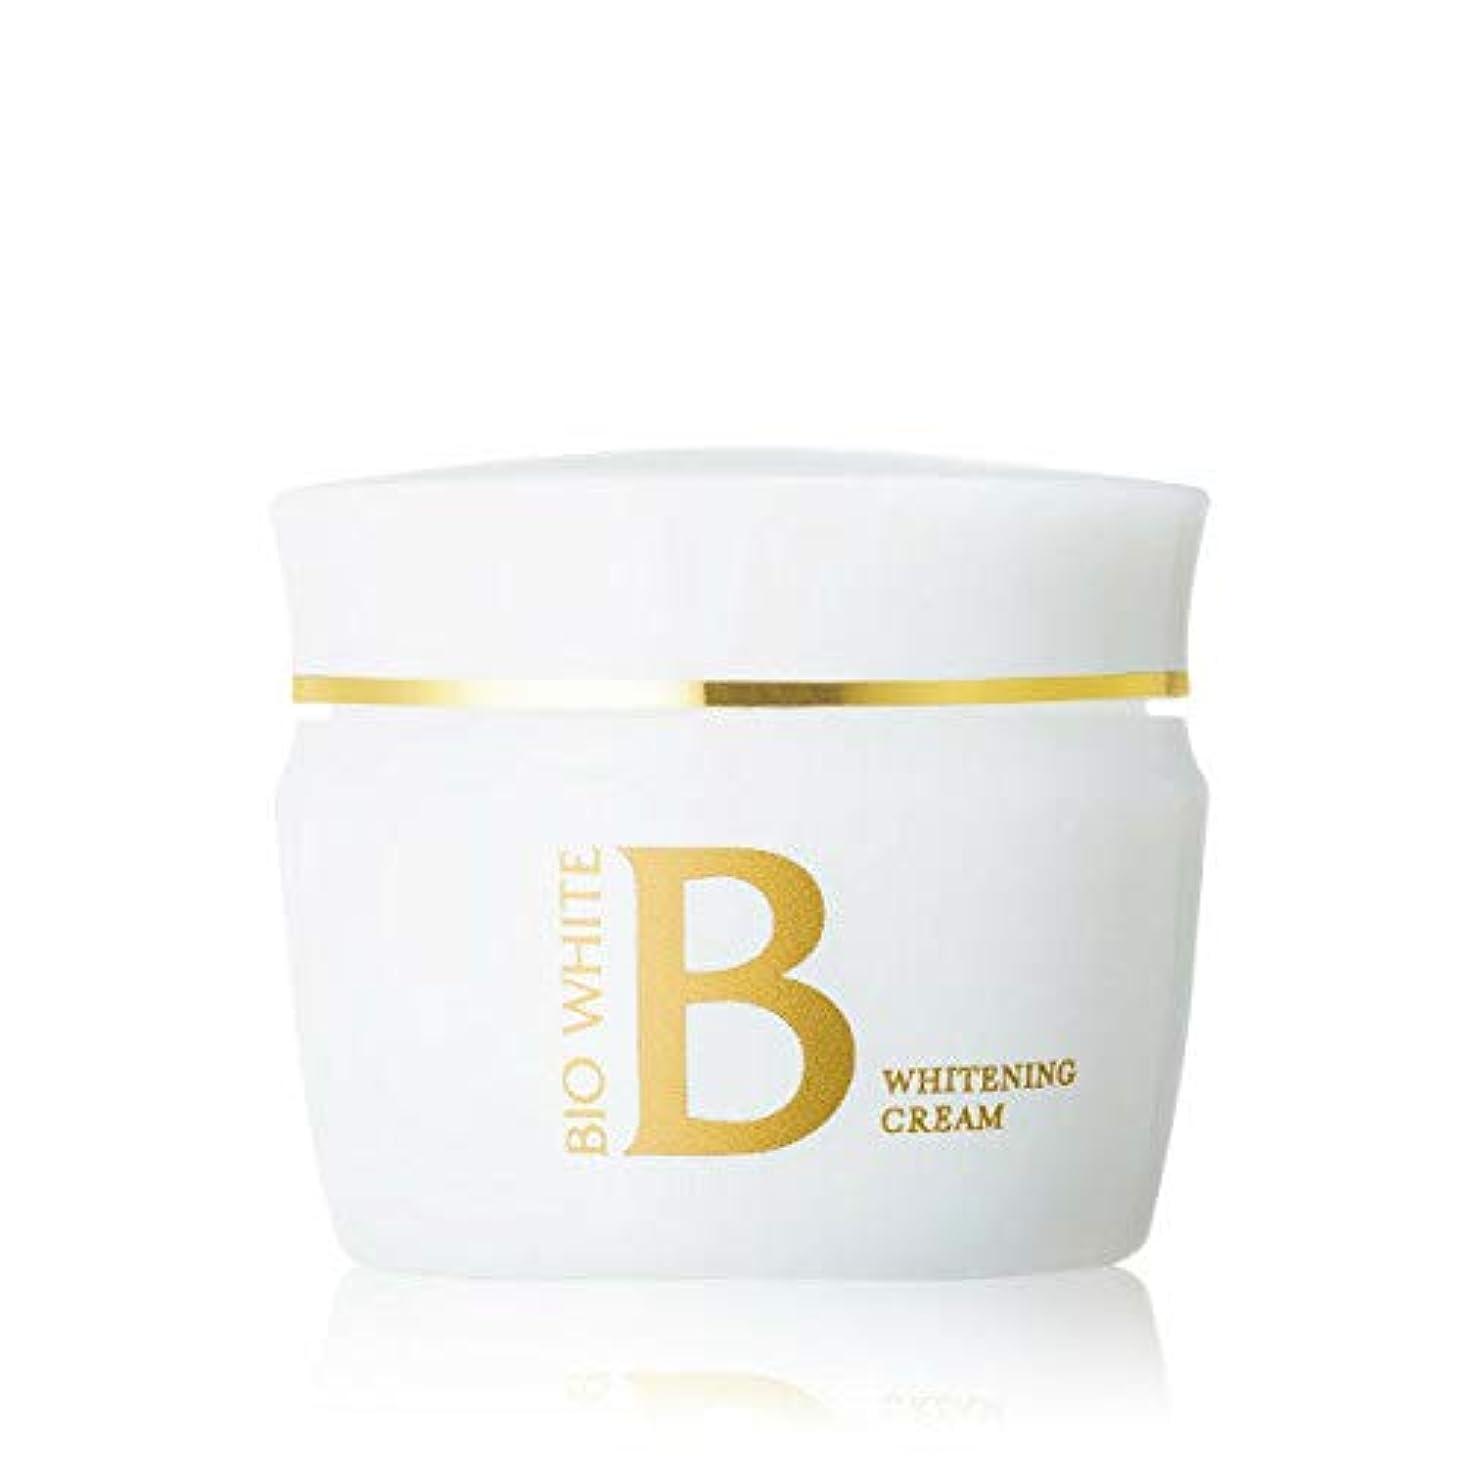 北へためらう村エビス化粧品(EBiS) エビス ビーホワイトクリーム 40g 美白クリーム トラネキサム酸 配合 医薬部外品